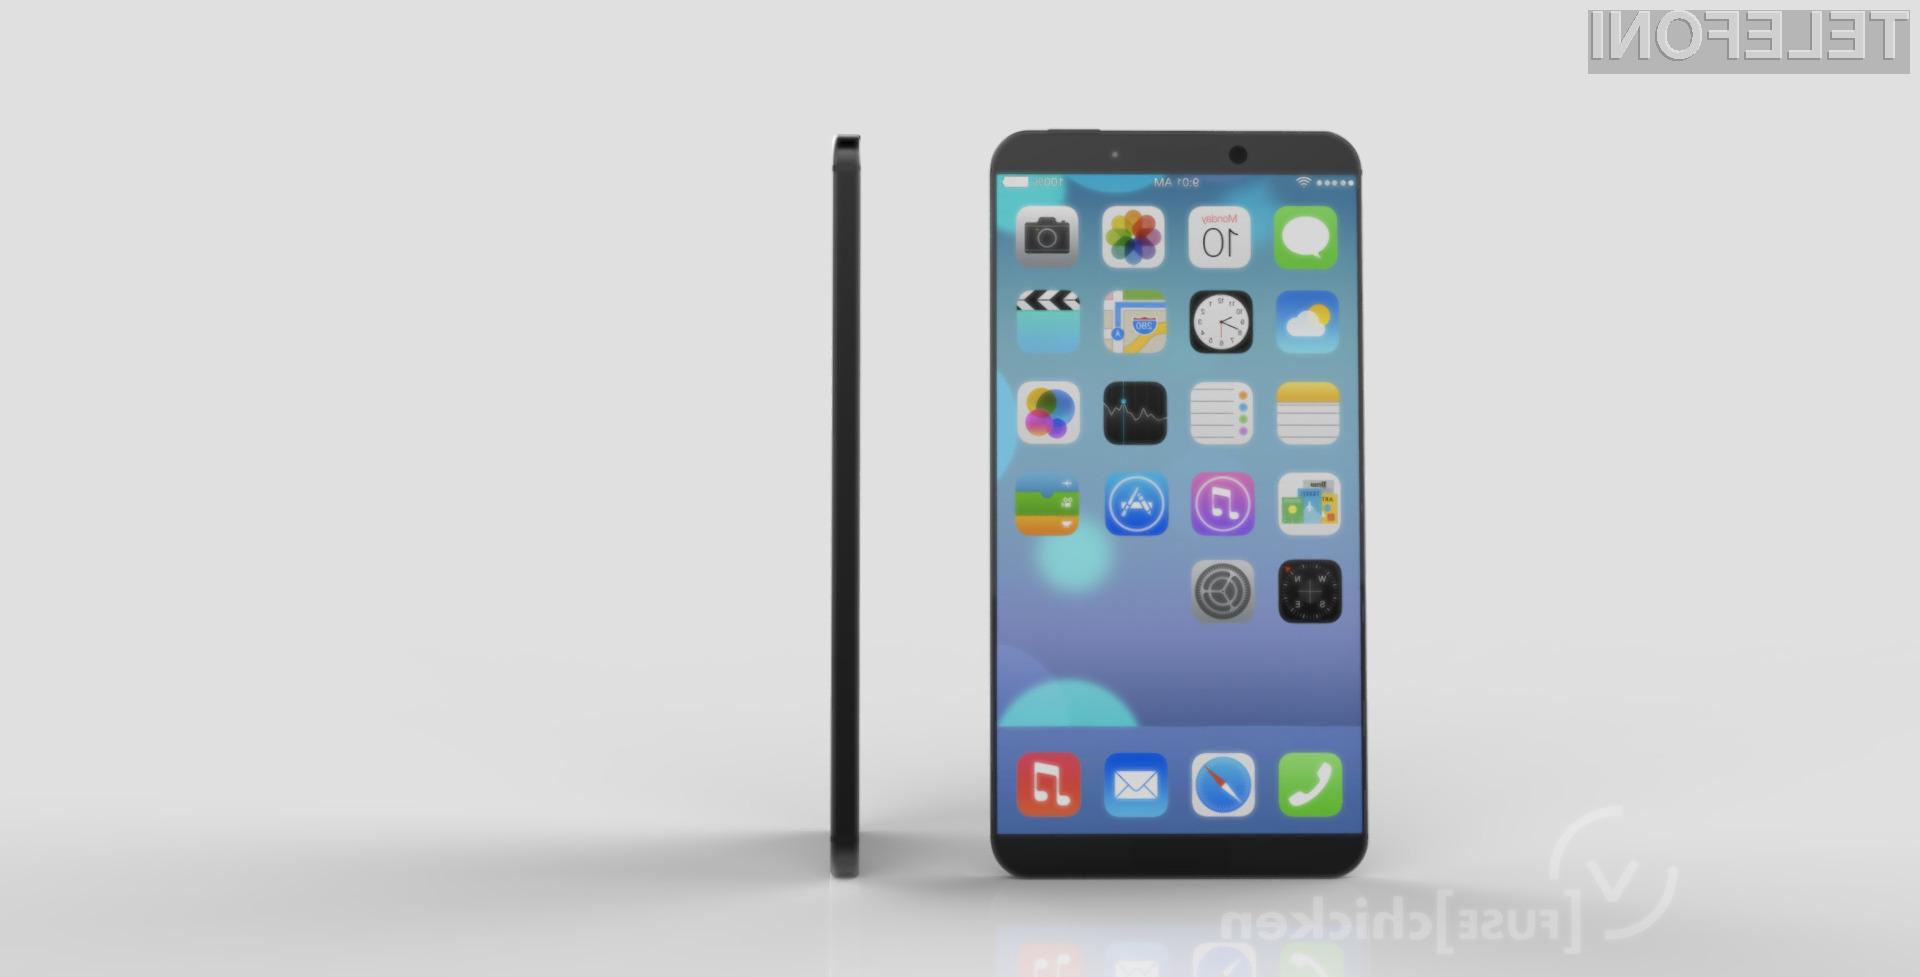 iPhone 6 bodo namesto Kitajcev delali roboti